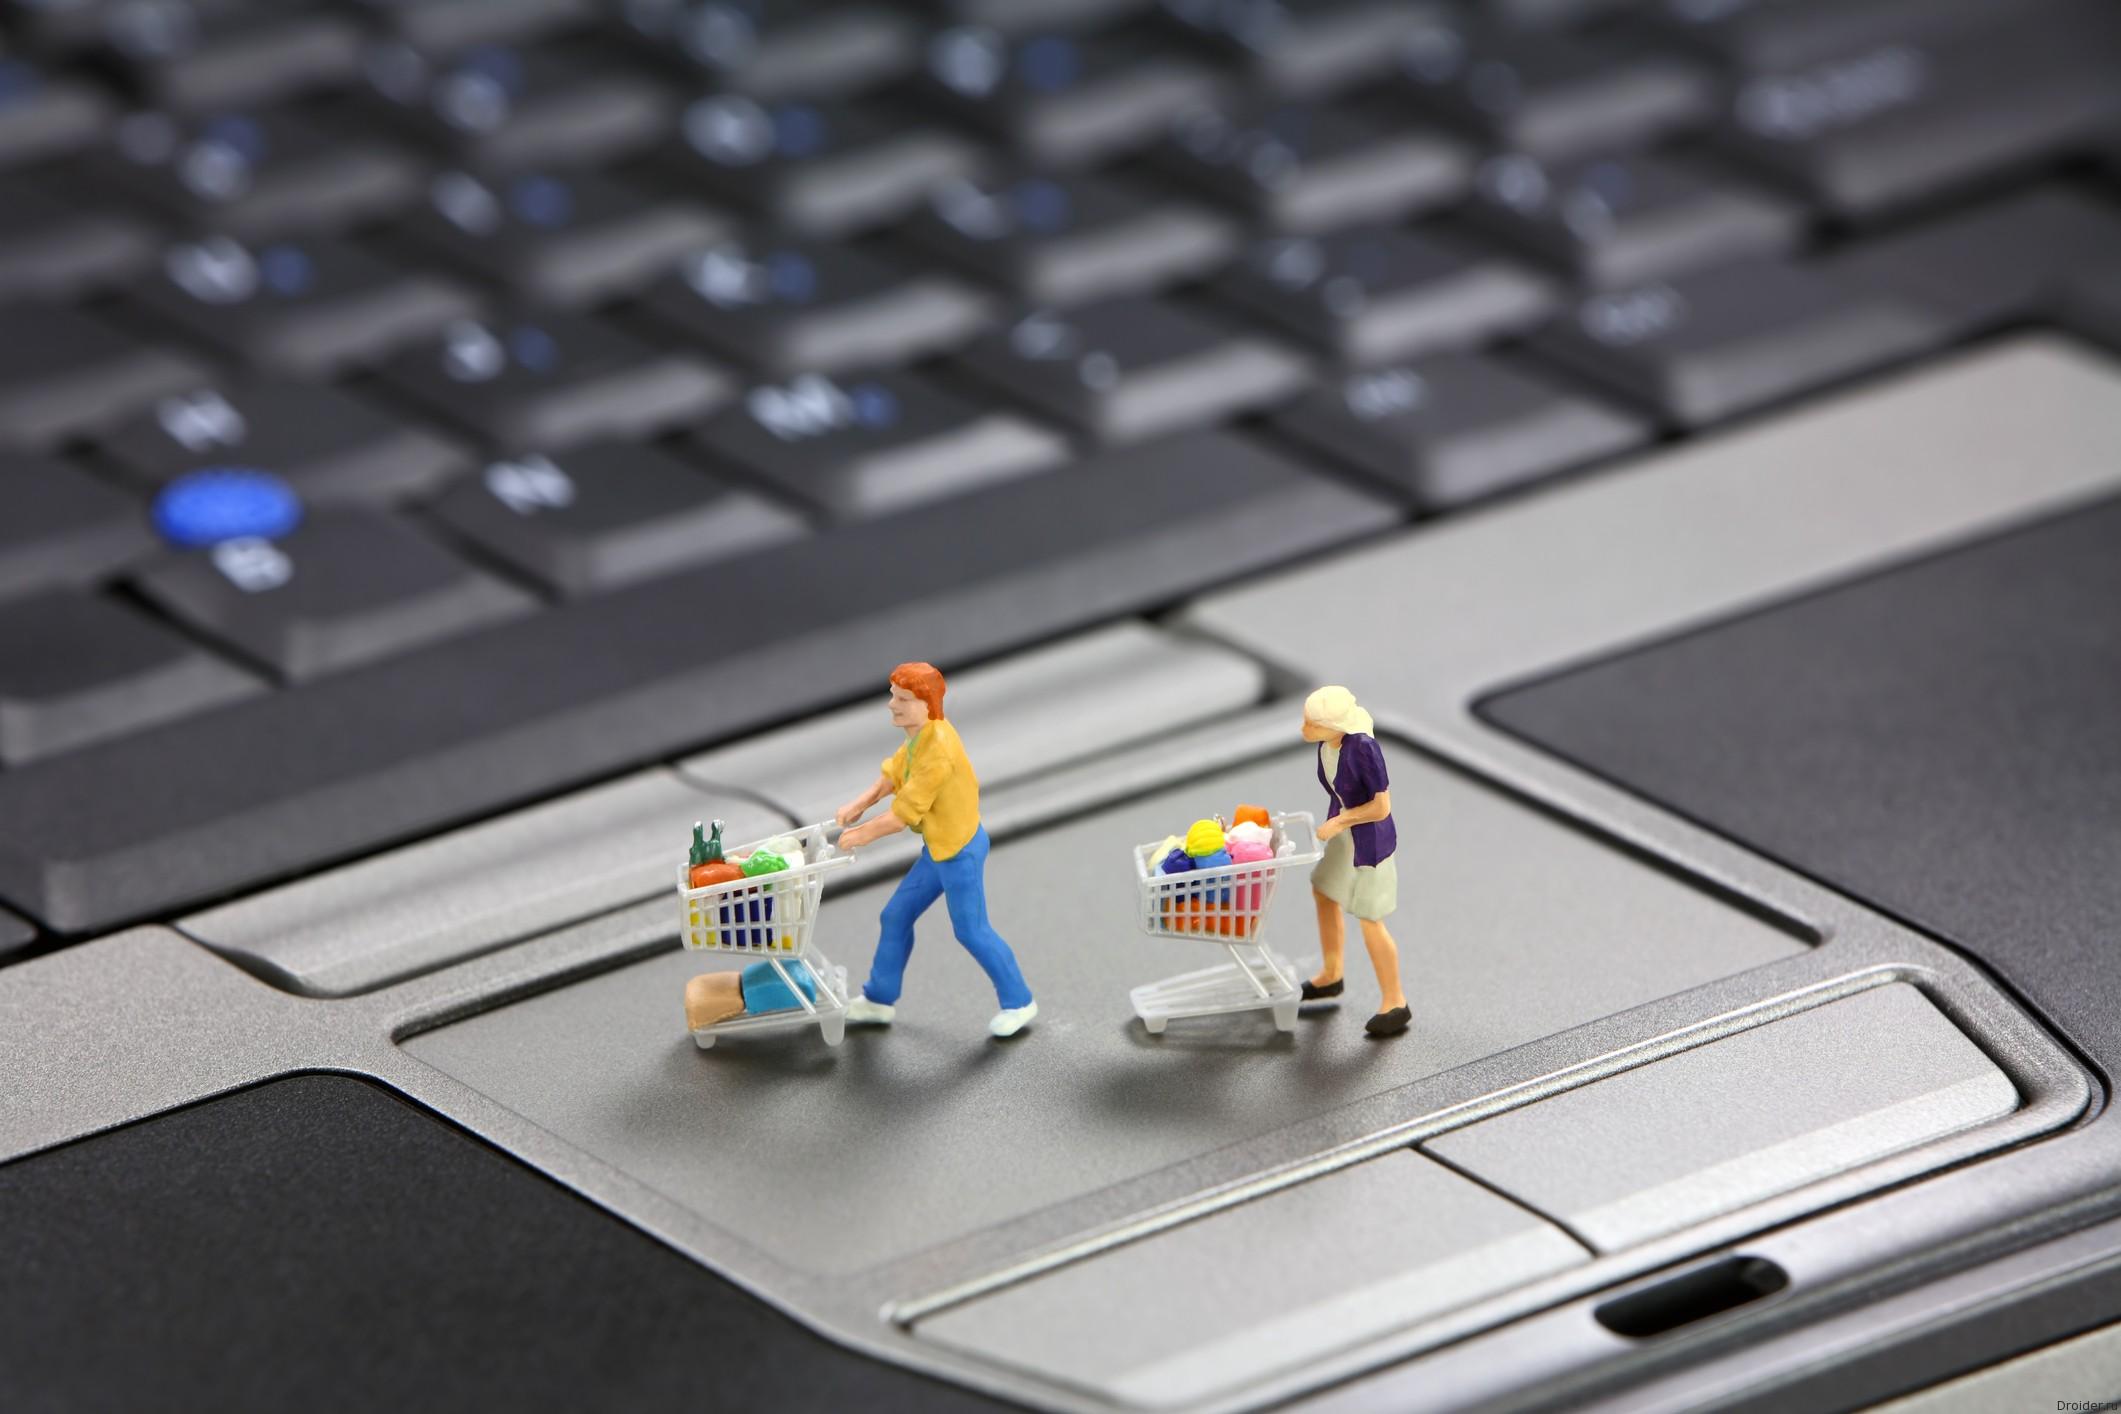 Цены на цифровую технику падают